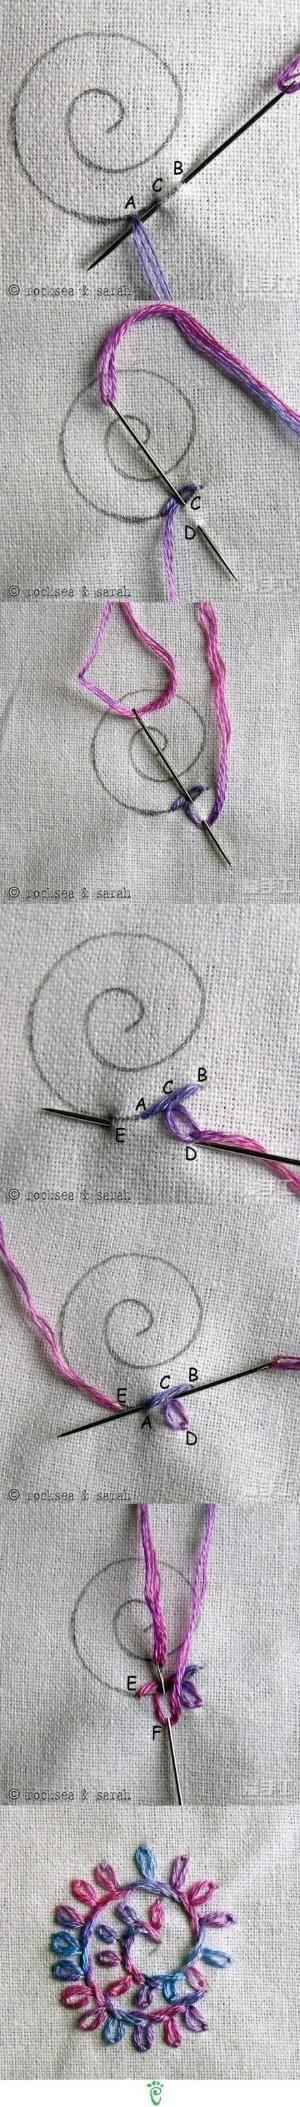 Desenho no tecido by josie